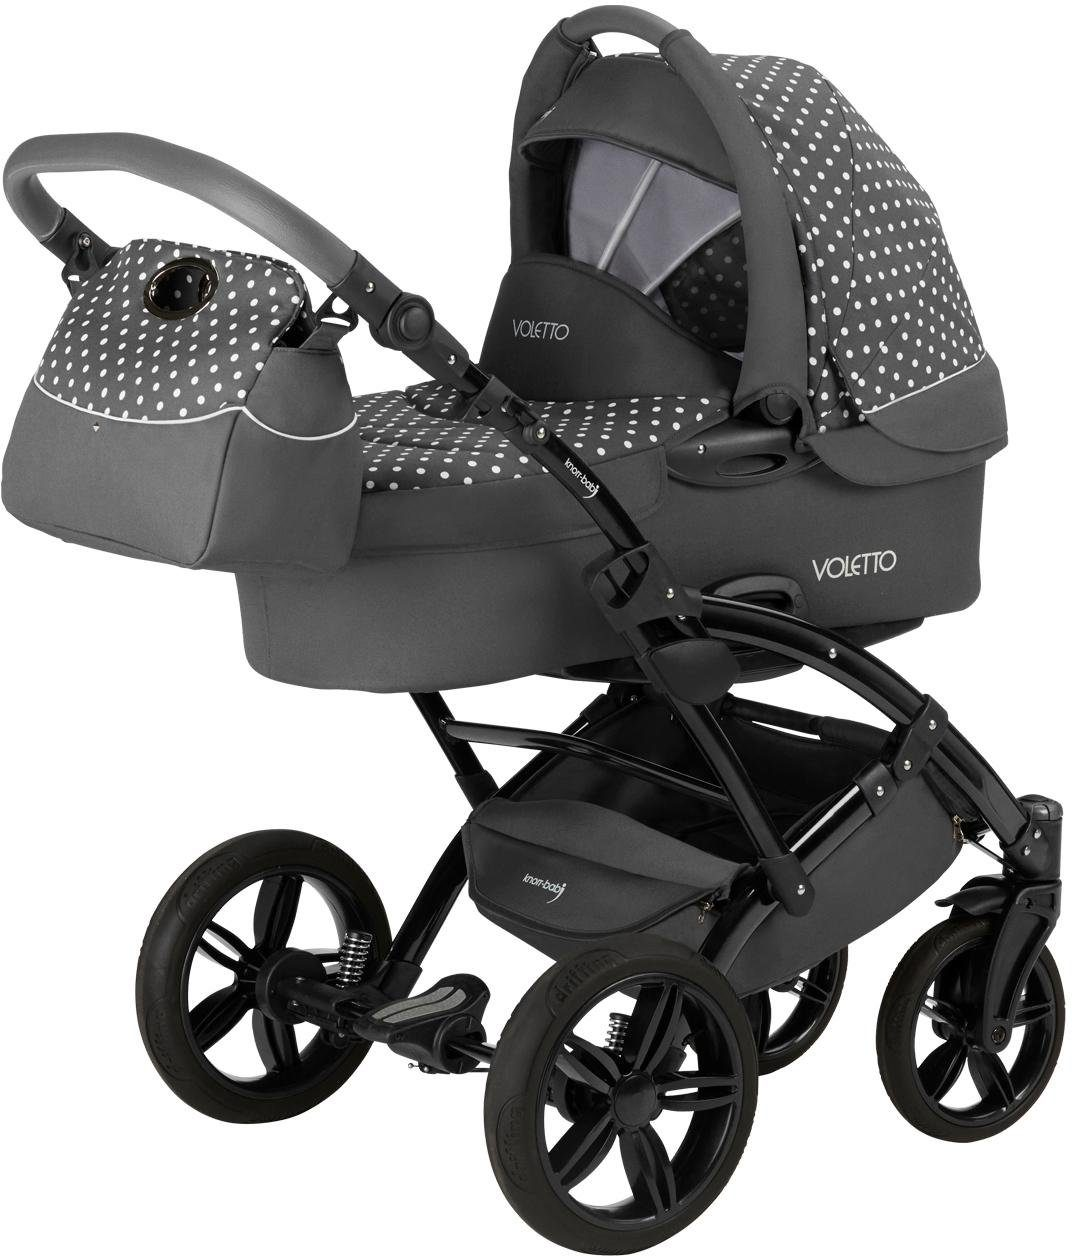 knorr-baby Kombi-Kinderwagen Set inkl. Babyschale, »Voletto, grau-weiß«